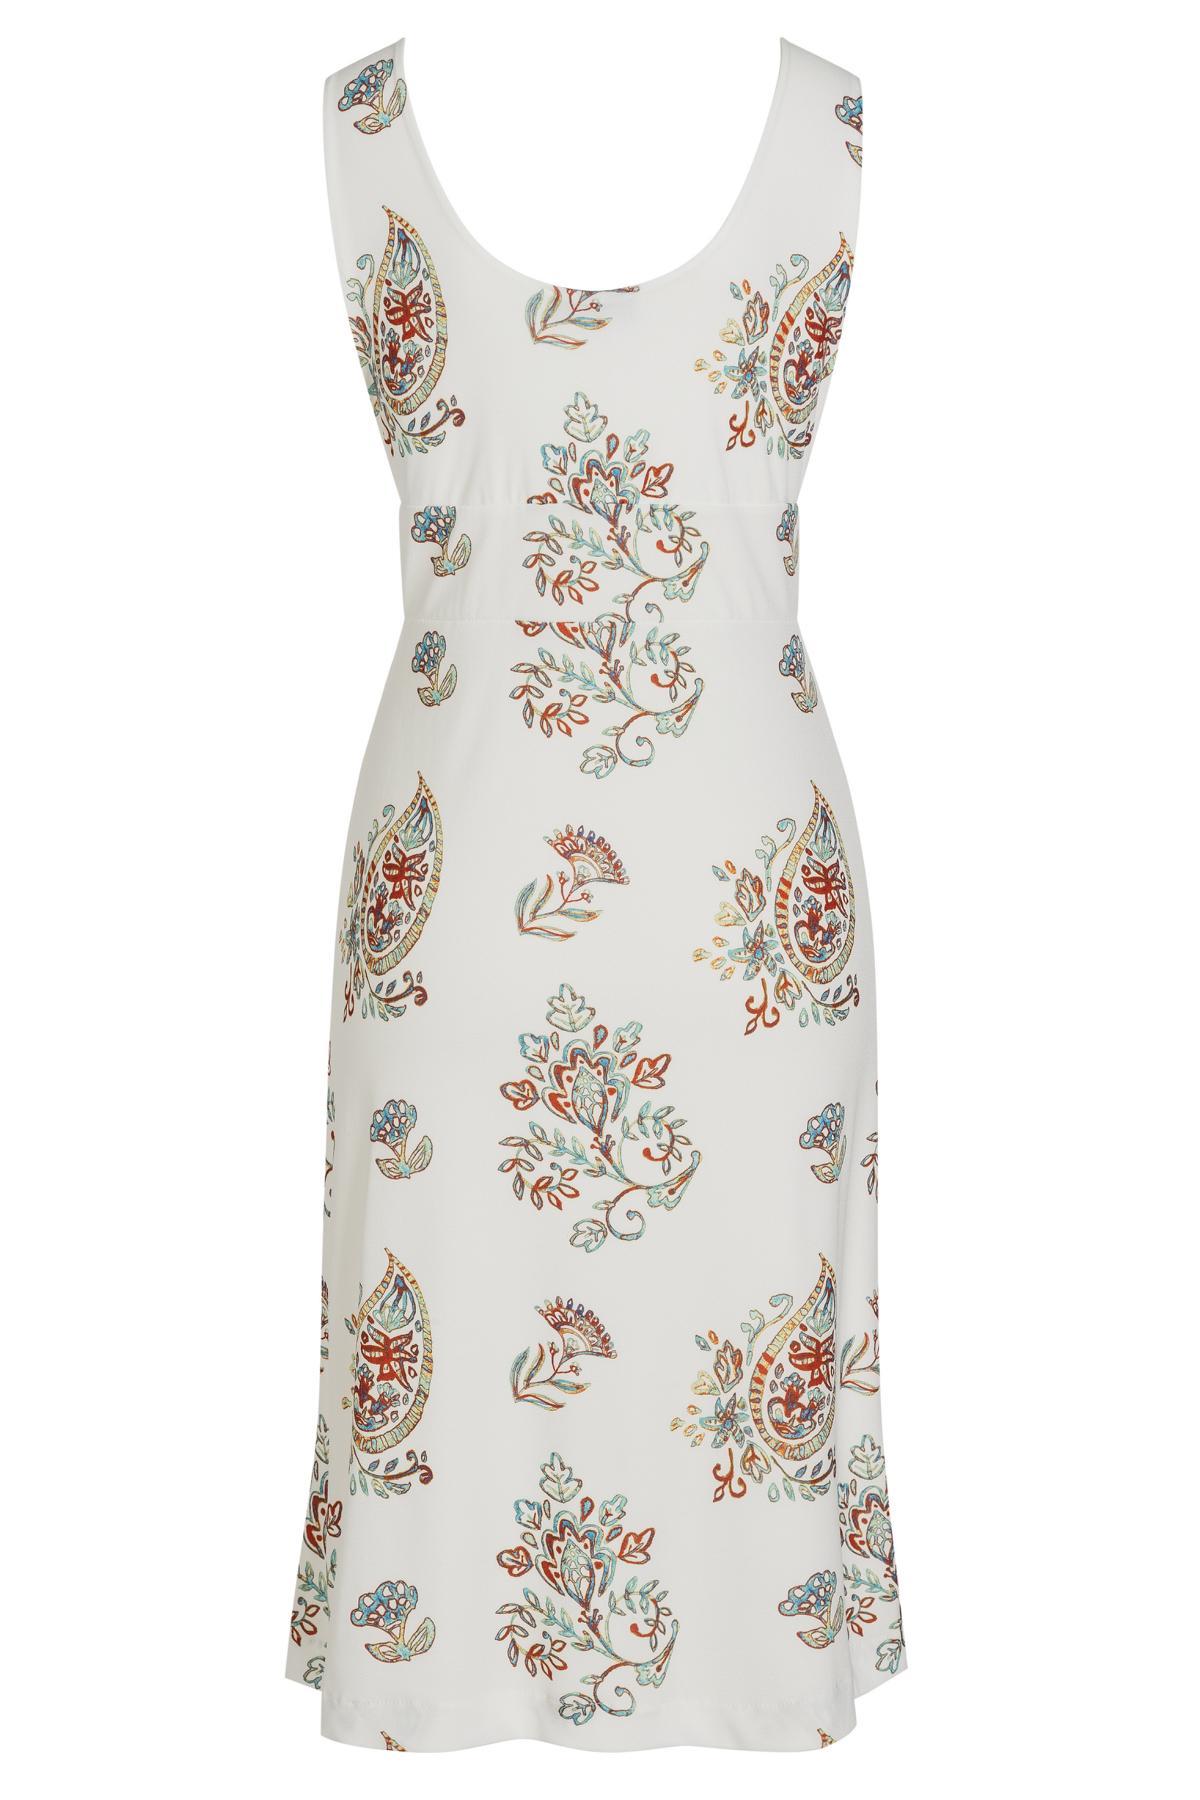 Detailansicht 2 von Ana Alcazar Tailliertes Kleid Tesmy